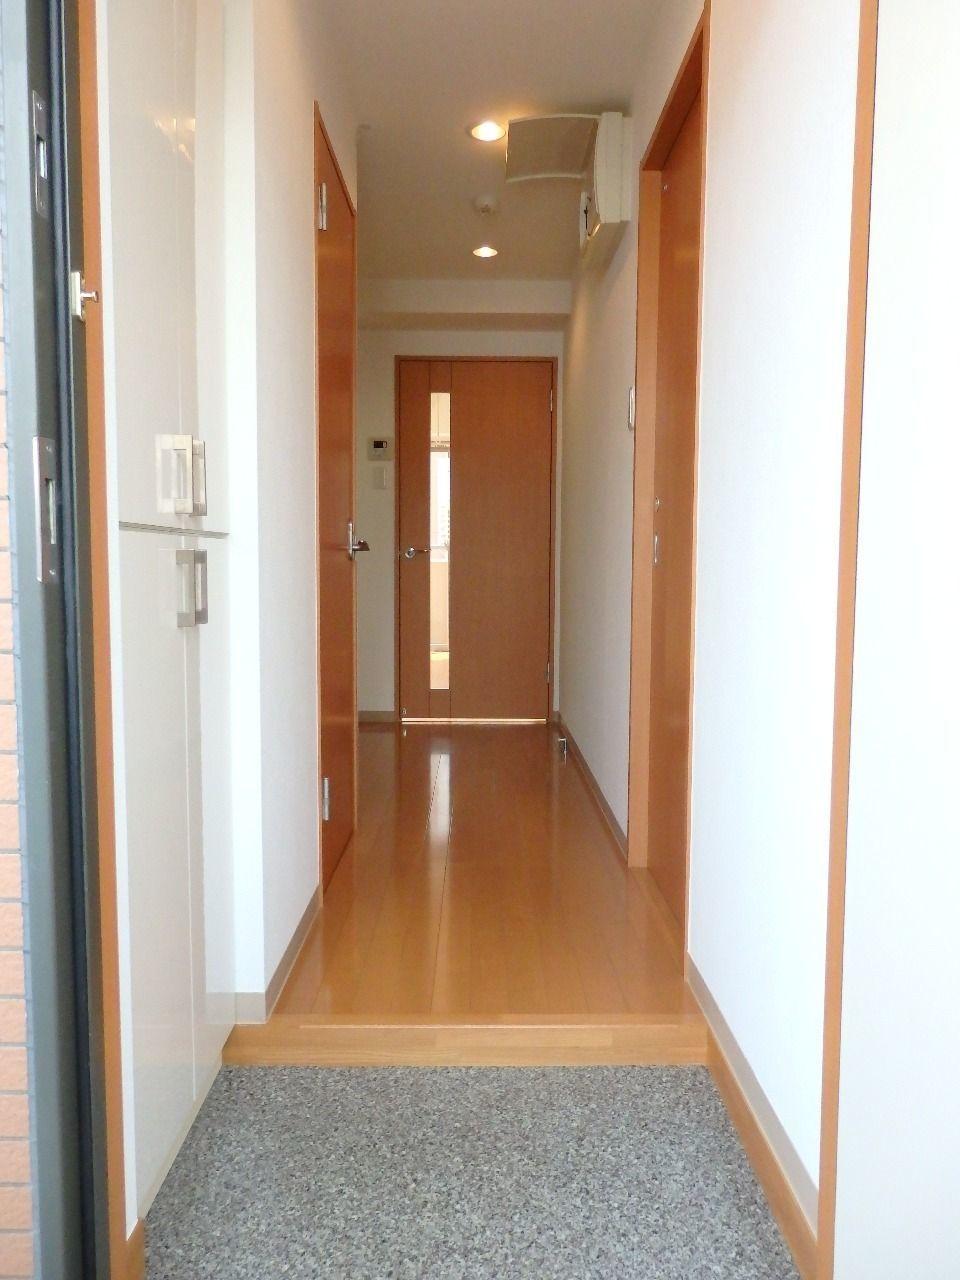 玄関を開けると人感センサーでライトが点灯し、明るい木目調のフローリングが居室へと延びています。